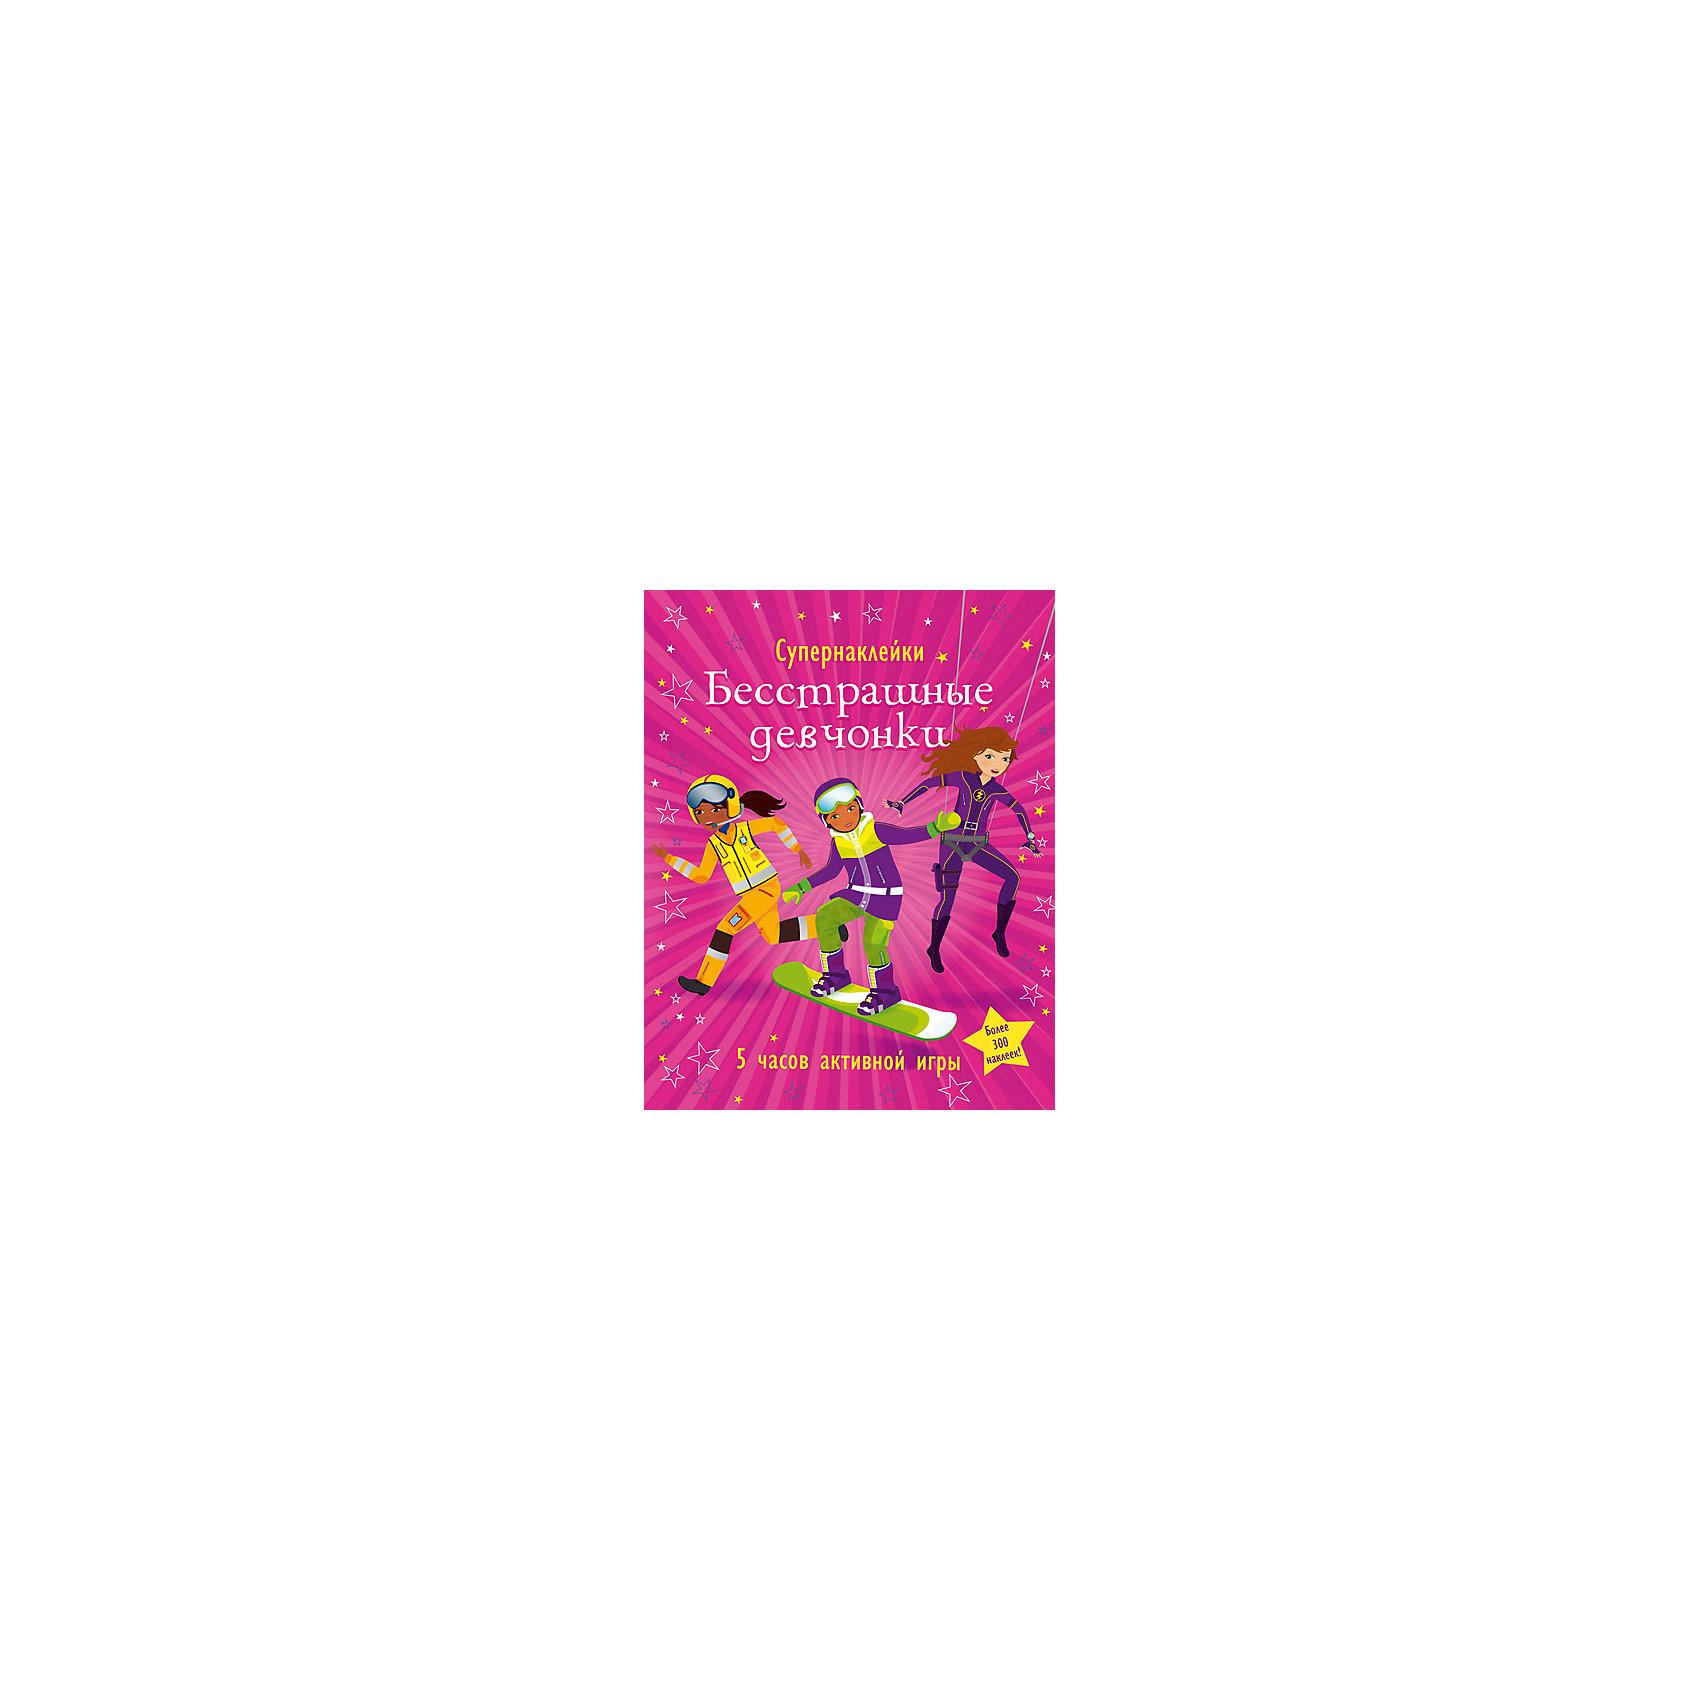 Бесстрашные девчонкиМахаон<br>Книга может быть не только развлекательной, но и обучающей! На добрых историях и интересных книжках очень легко воспитывать детей. В них доступно объясняется - что хорошо, а что - плохо, даются понятия о базовых ценностях, дружбе, любви и порядочности.<br>Эта книга может стать отличным подарком ребенку. Это удобный формат, качественная бумага, прекрасные иллюстрации и захватывающие история о бесстрашных девочках. К книге прилагается набор наклеек, с помощью которых можно выполнять интересные задания. Издание поможет ребенку развить художественный вкус, навыки чтения, логику, внимательность и мелкую моторику. Книга произведена из качественных и безопасных для детей материалов.<br><br>Дополнительная информация:<br><br>страниц: 24;<br>наклейки - в наборе;<br>формат: 30 х 24 см.<br><br>Книгу Бесстрашные девчонки можно купить в нашем магазине.<br><br>Ширина мм: 305<br>Глубина мм: 240<br>Высота мм: 2<br>Вес г: 301<br>Возраст от месяцев: 60<br>Возраст до месяцев: 120<br>Пол: Женский<br>Возраст: Детский<br>SKU: 4975132